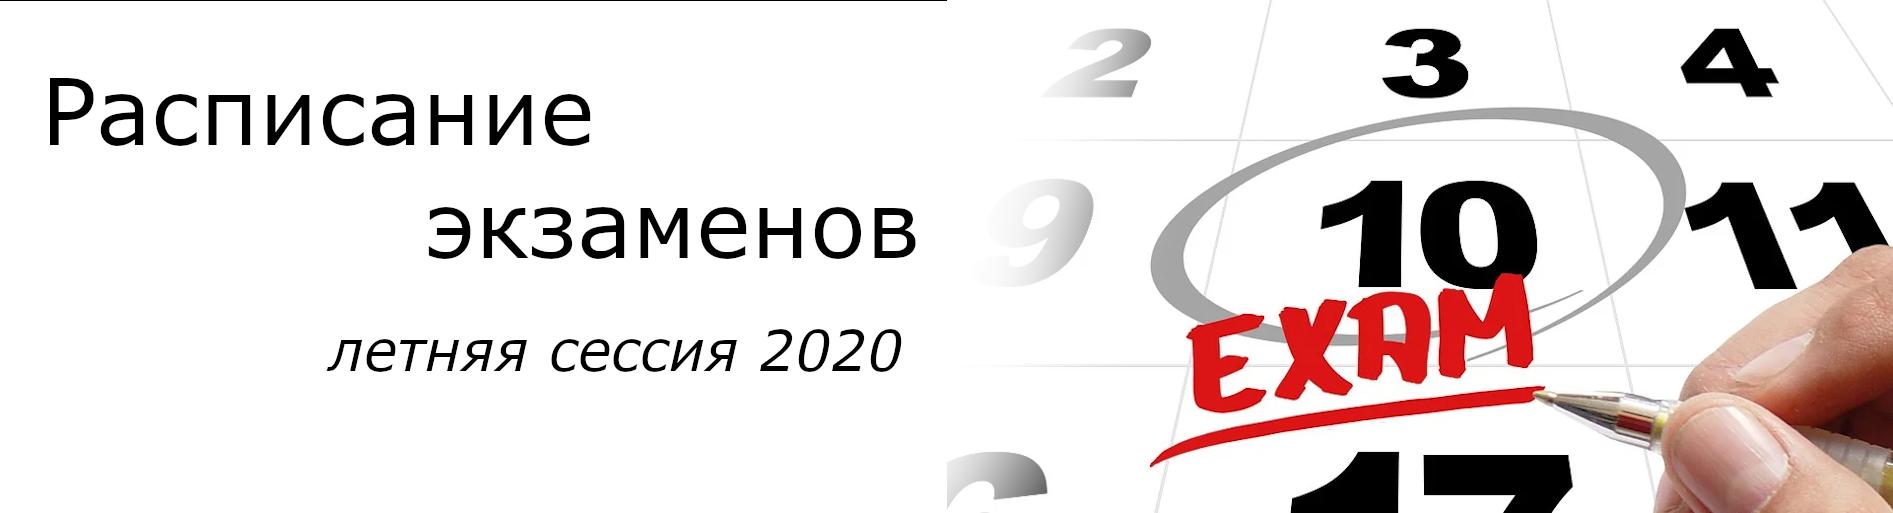 Портал КФУ \ Образование \ Институт математики и механики им. Н.И. Лобачевского \ Учебный процесс